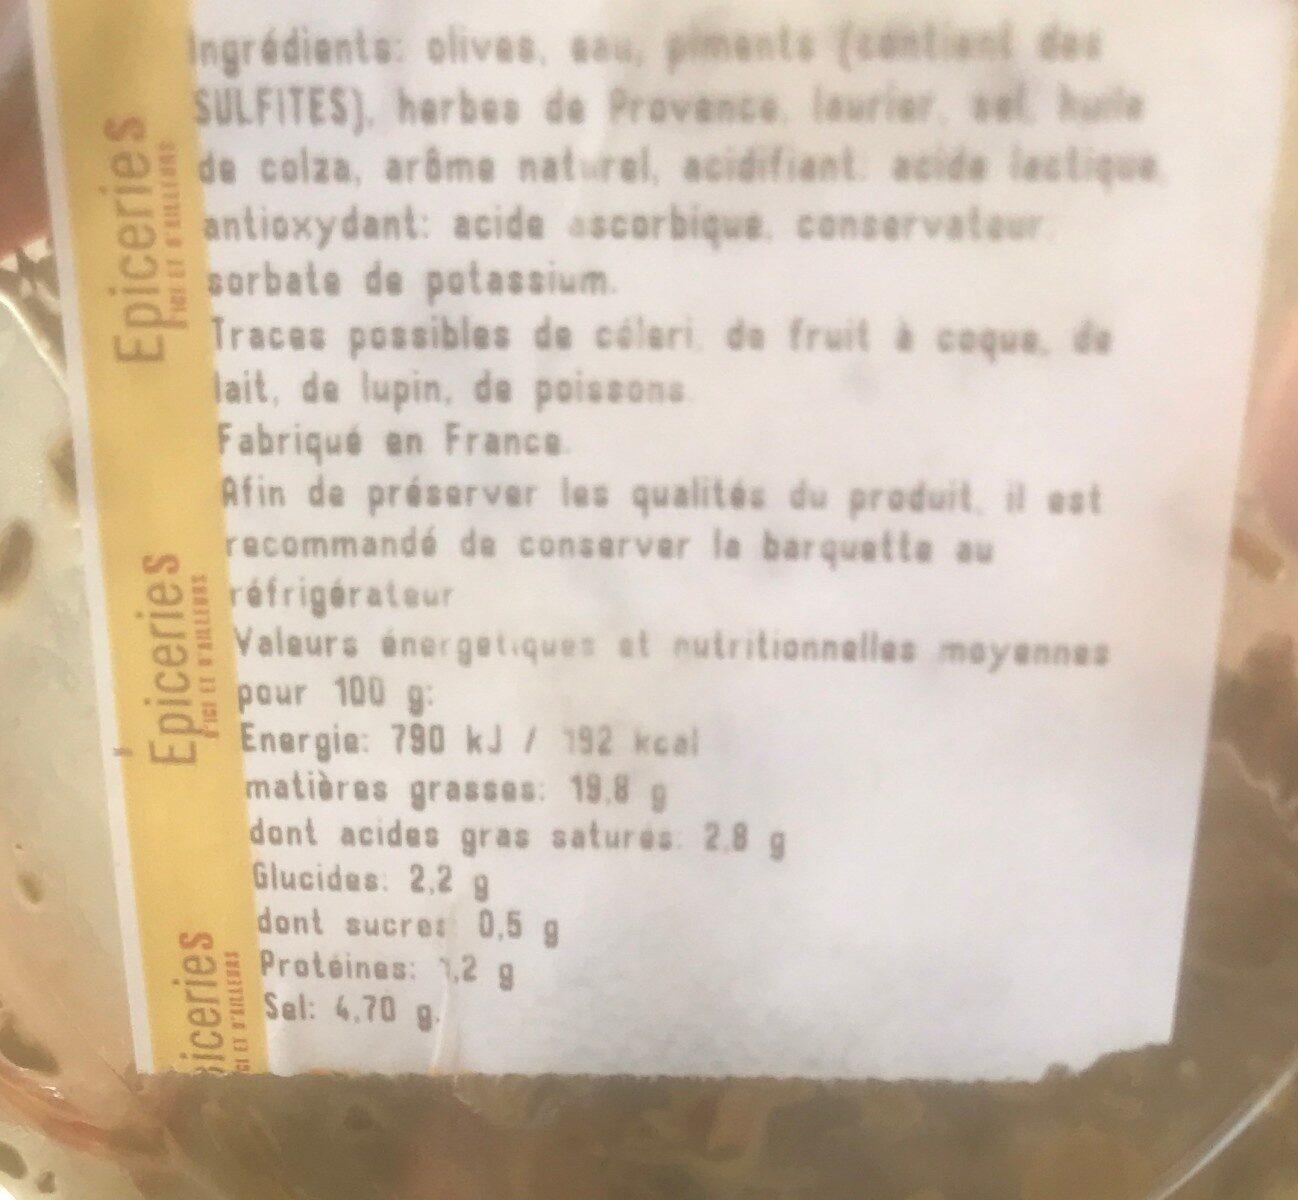 Olives provençales - Informations nutritionnelles - fr